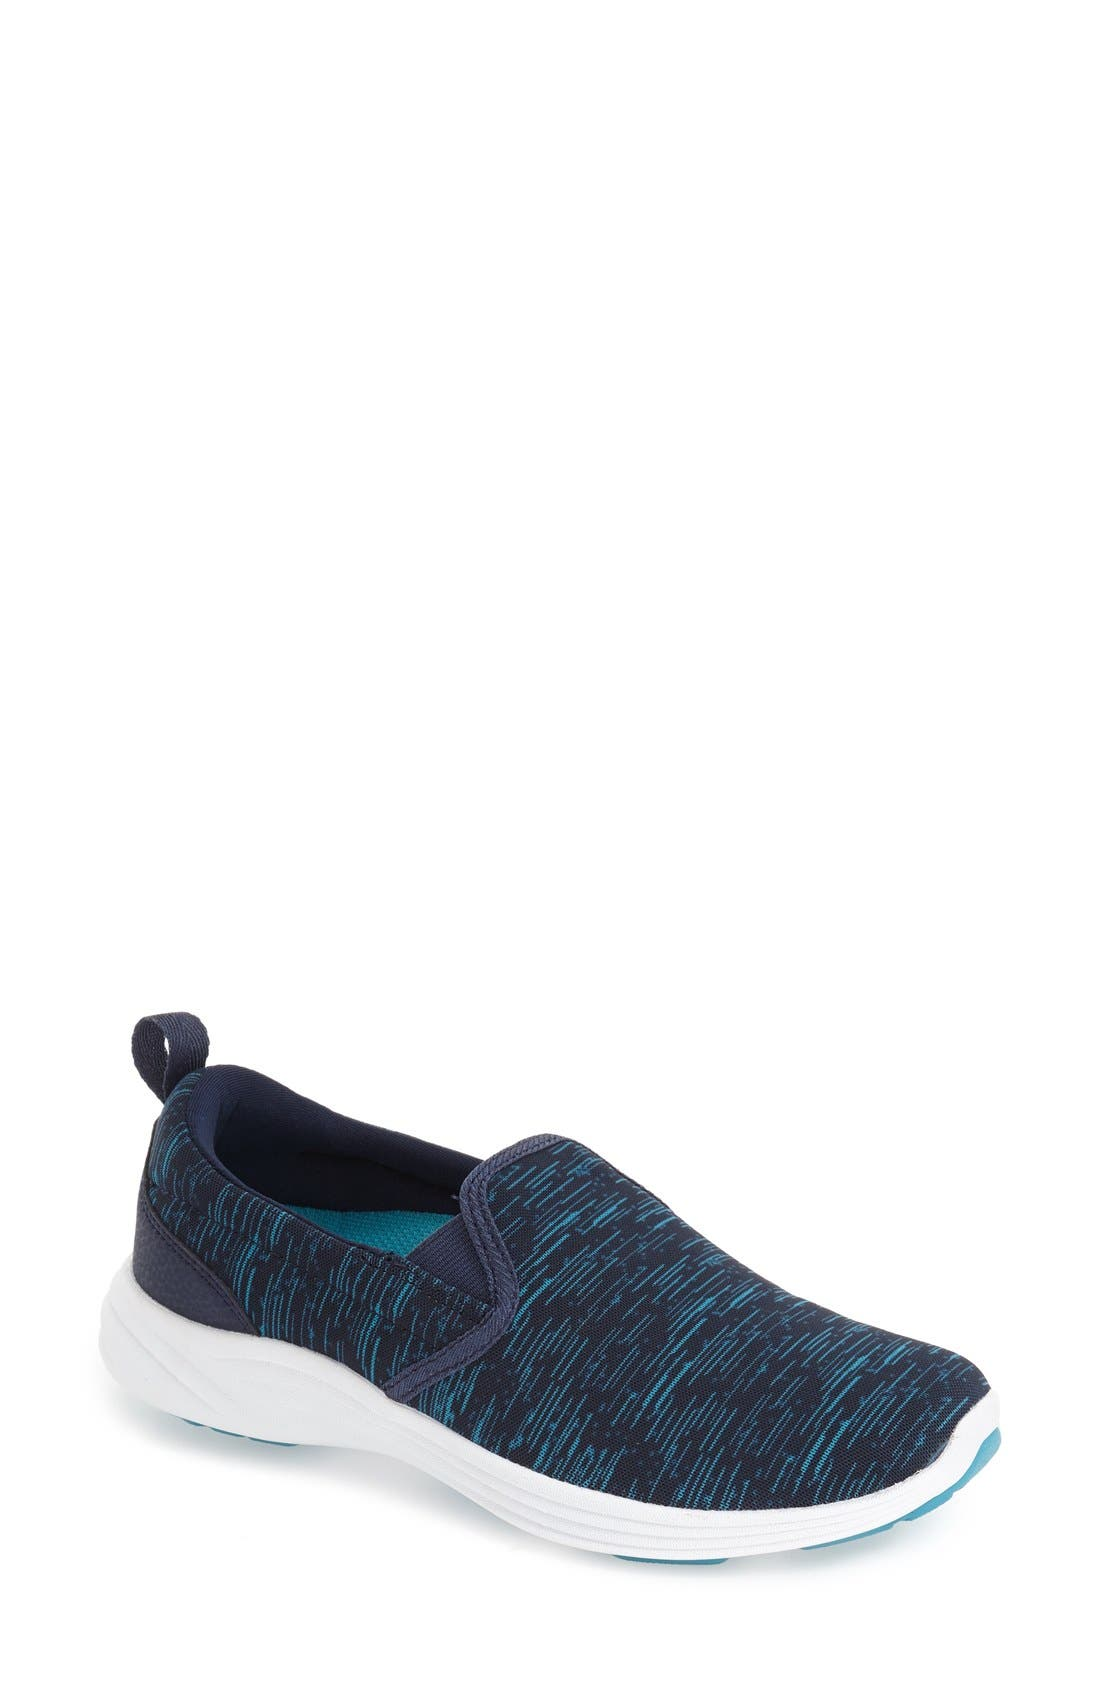 Main Image - Vionic 'Kea' Slip-On Sneaker (Women)